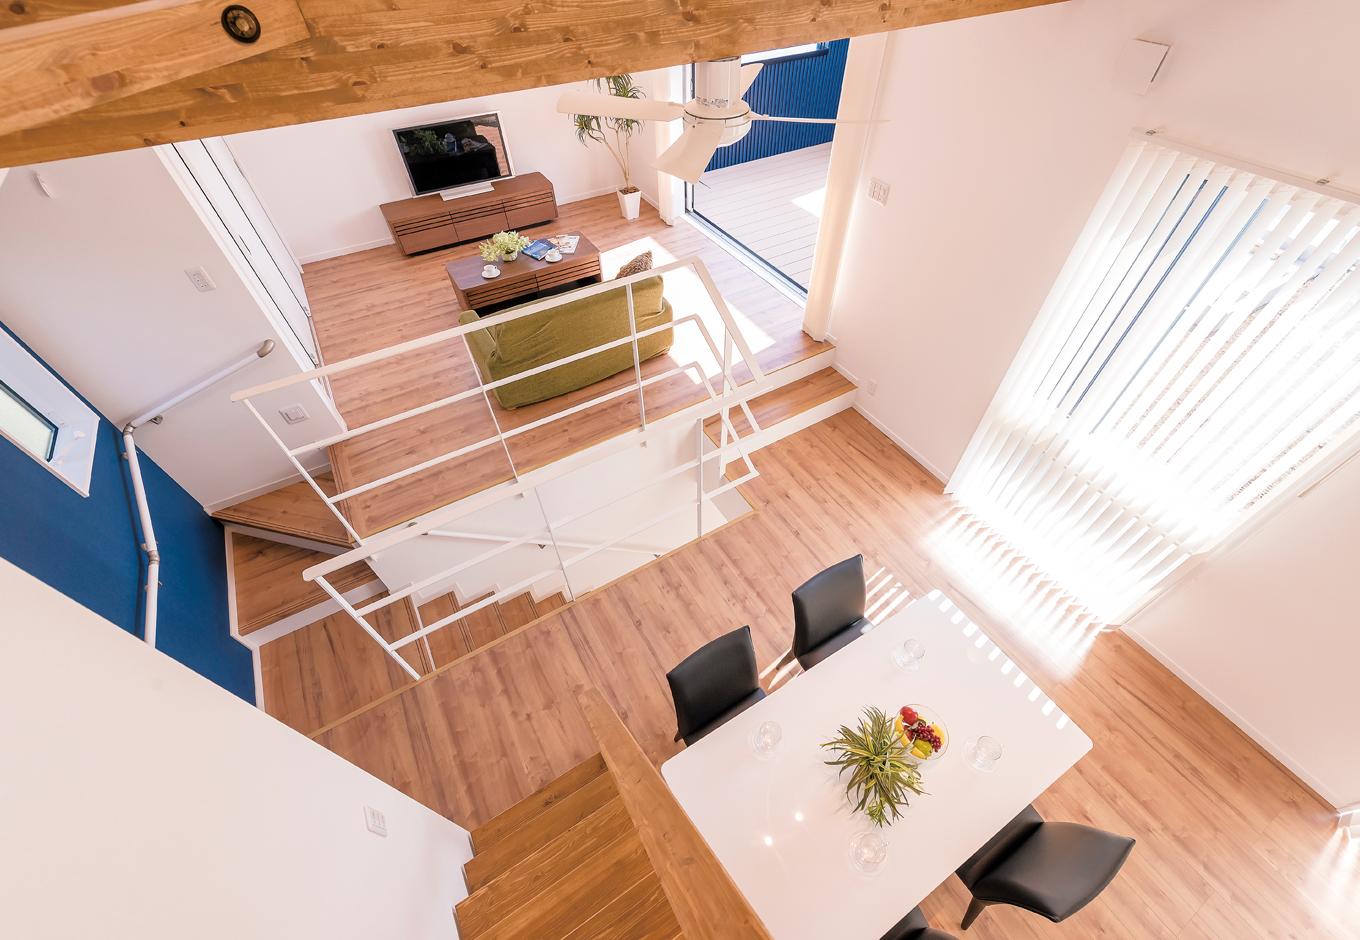 三和建設【デザイン住宅、子育て、間取り】ロフトからの眺め。勾配天井を活かした開放的な空間。階段壁面のブルーのクロスもインテリアのポイントのひとつ